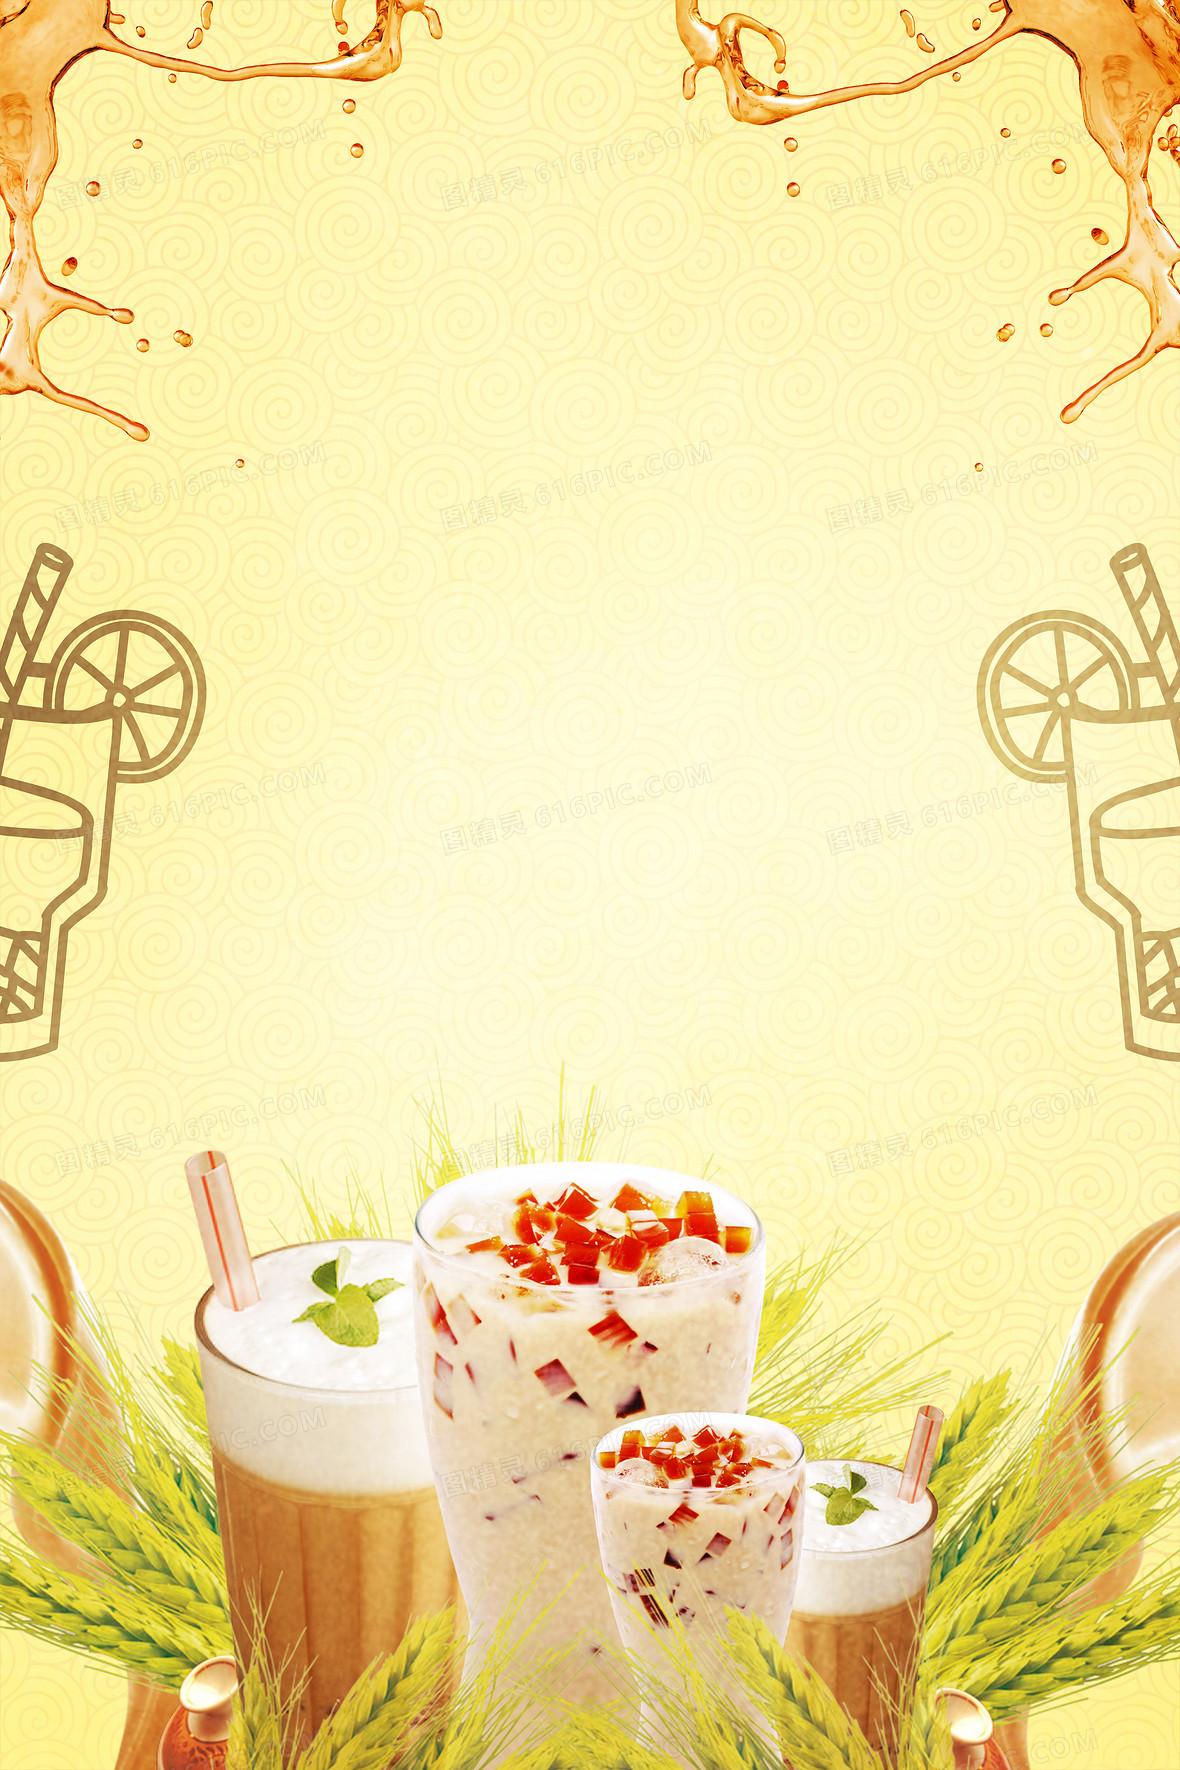 简约奶茶海报背景素材